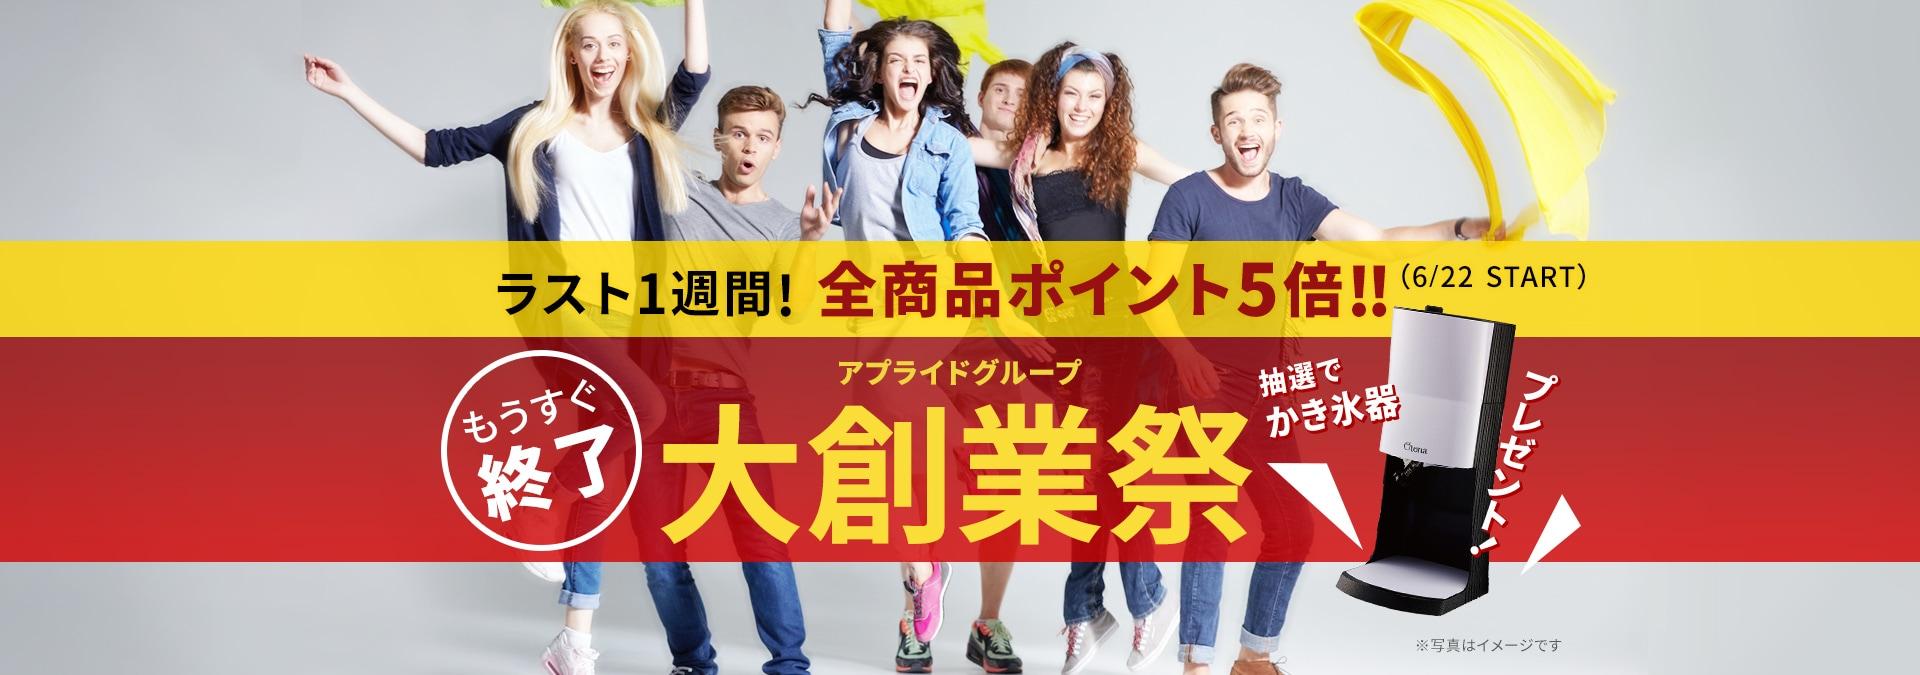 大創業祭6/1スタート